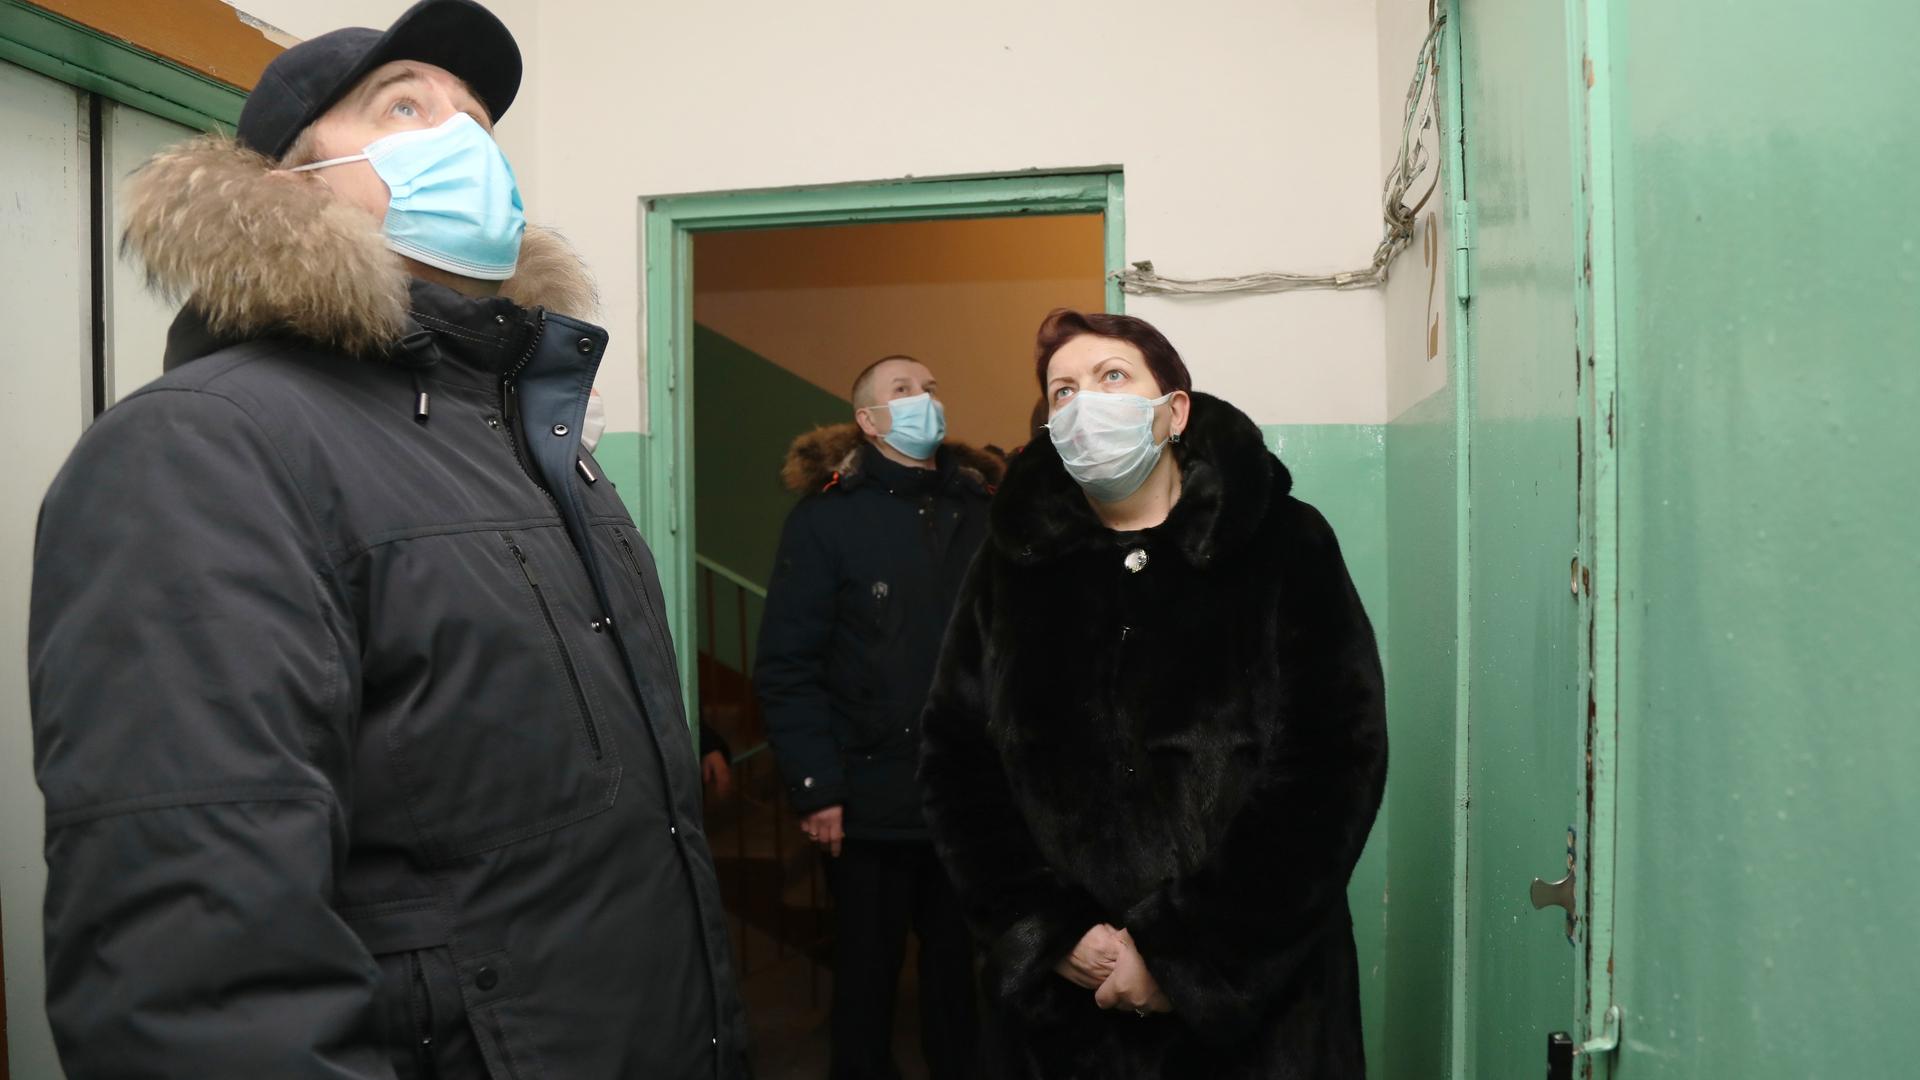 Во второй день визита министр промышленности, энергетики и ЖКХ Красноярского края продолжил осмотр жилых домов